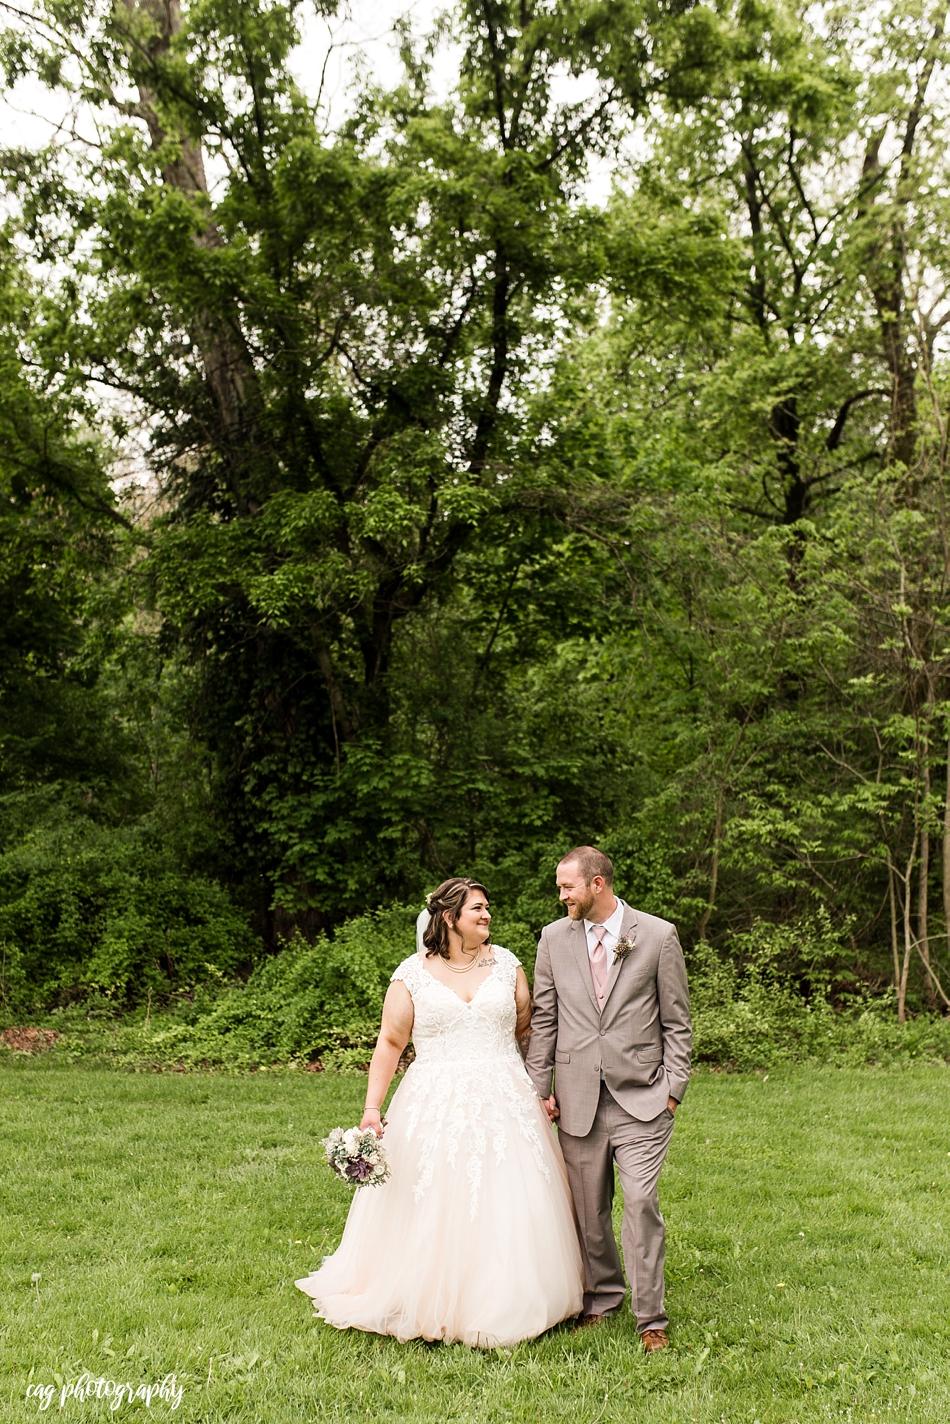 Kaitlyn+Jim MARRIED-475.jpg